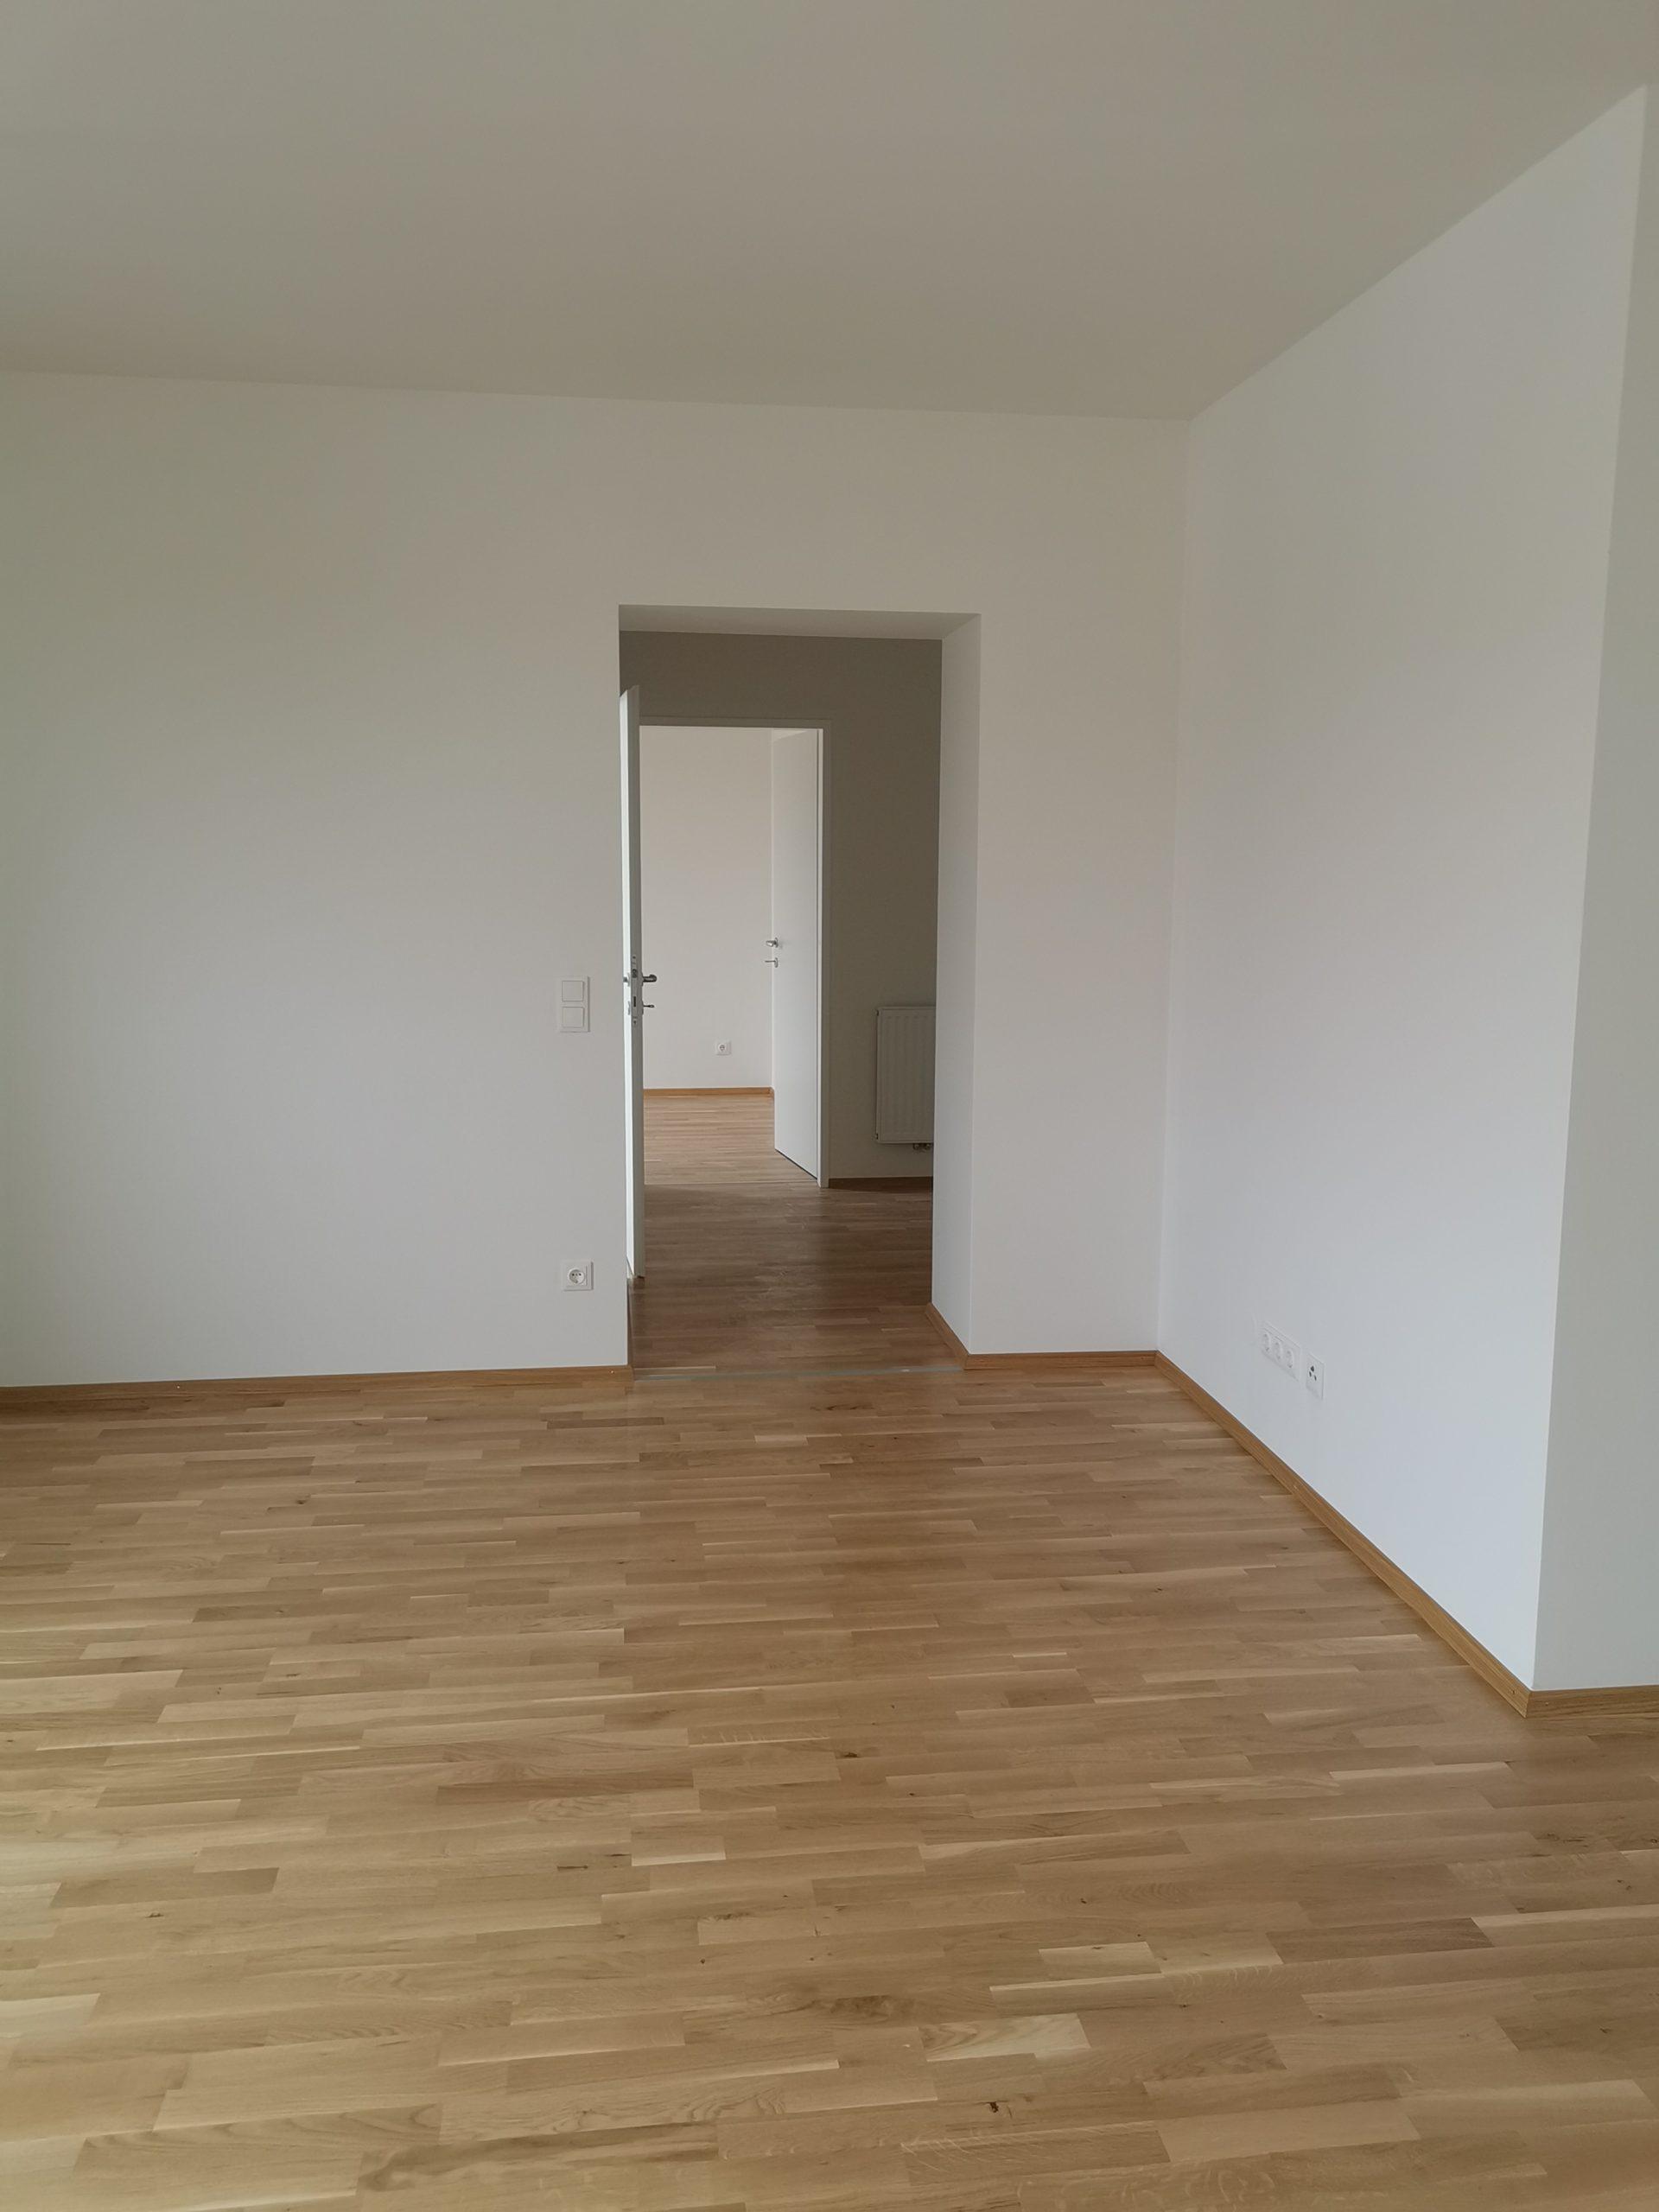 Immobilie von Kamptal in 3571 Gars am Kamp, Horn, Gars V - Top 208 #7